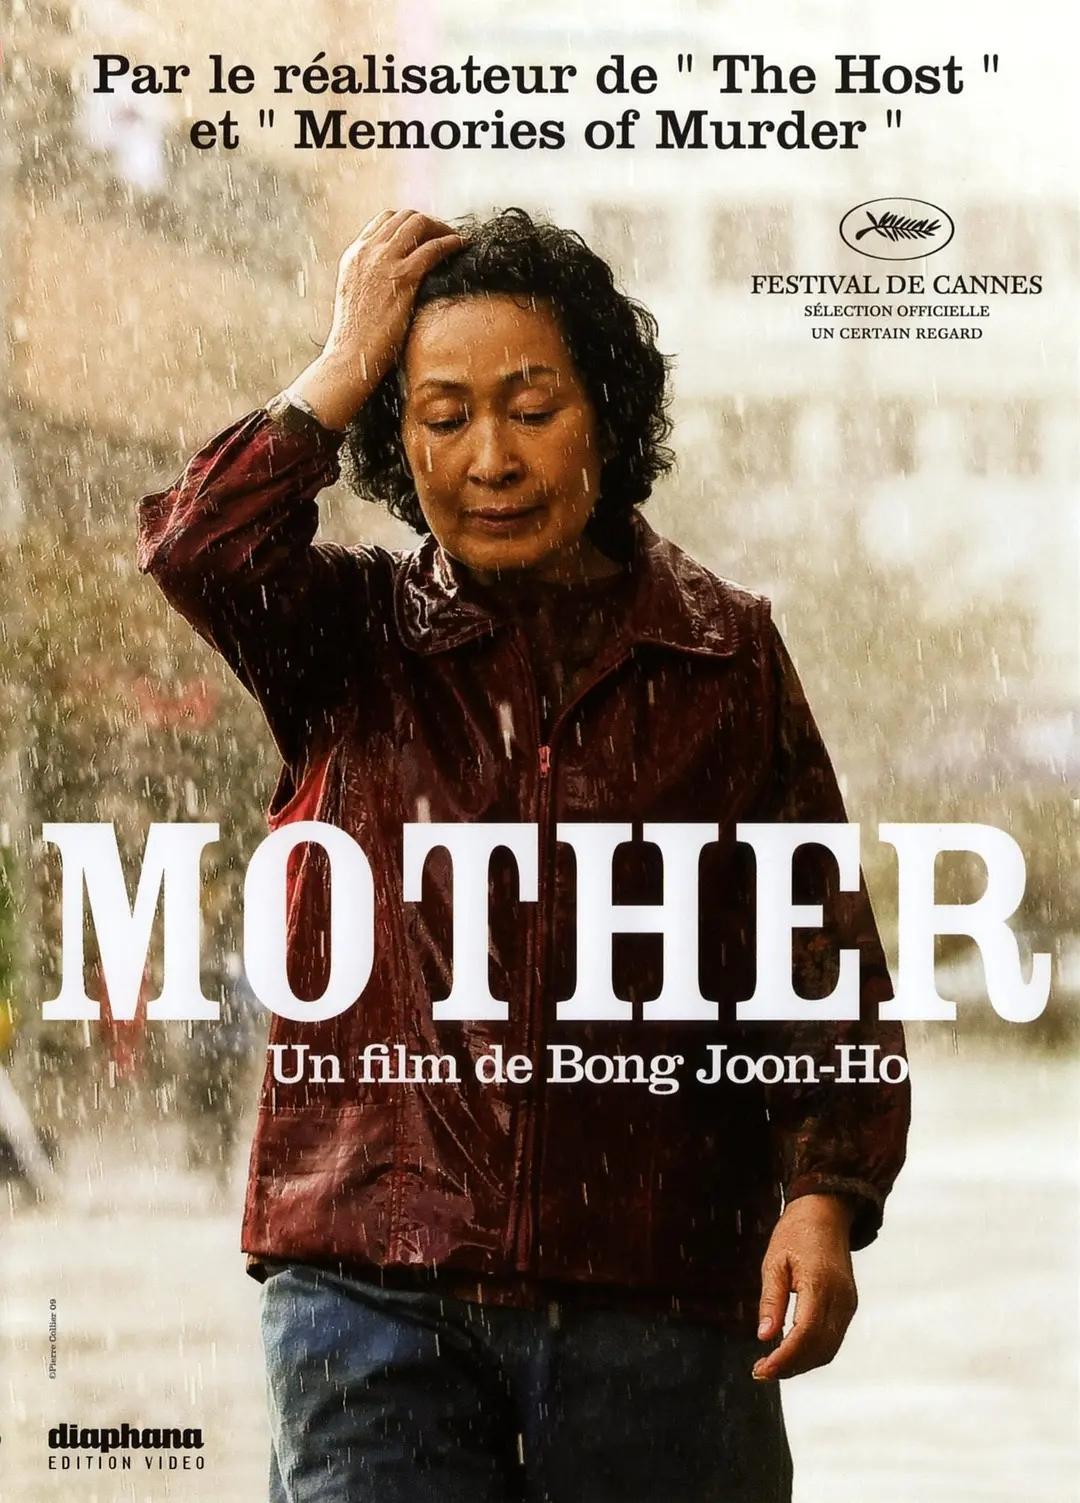 奉俊昊戛纳作品《母亲》:女主的两次跳舞如何解读?